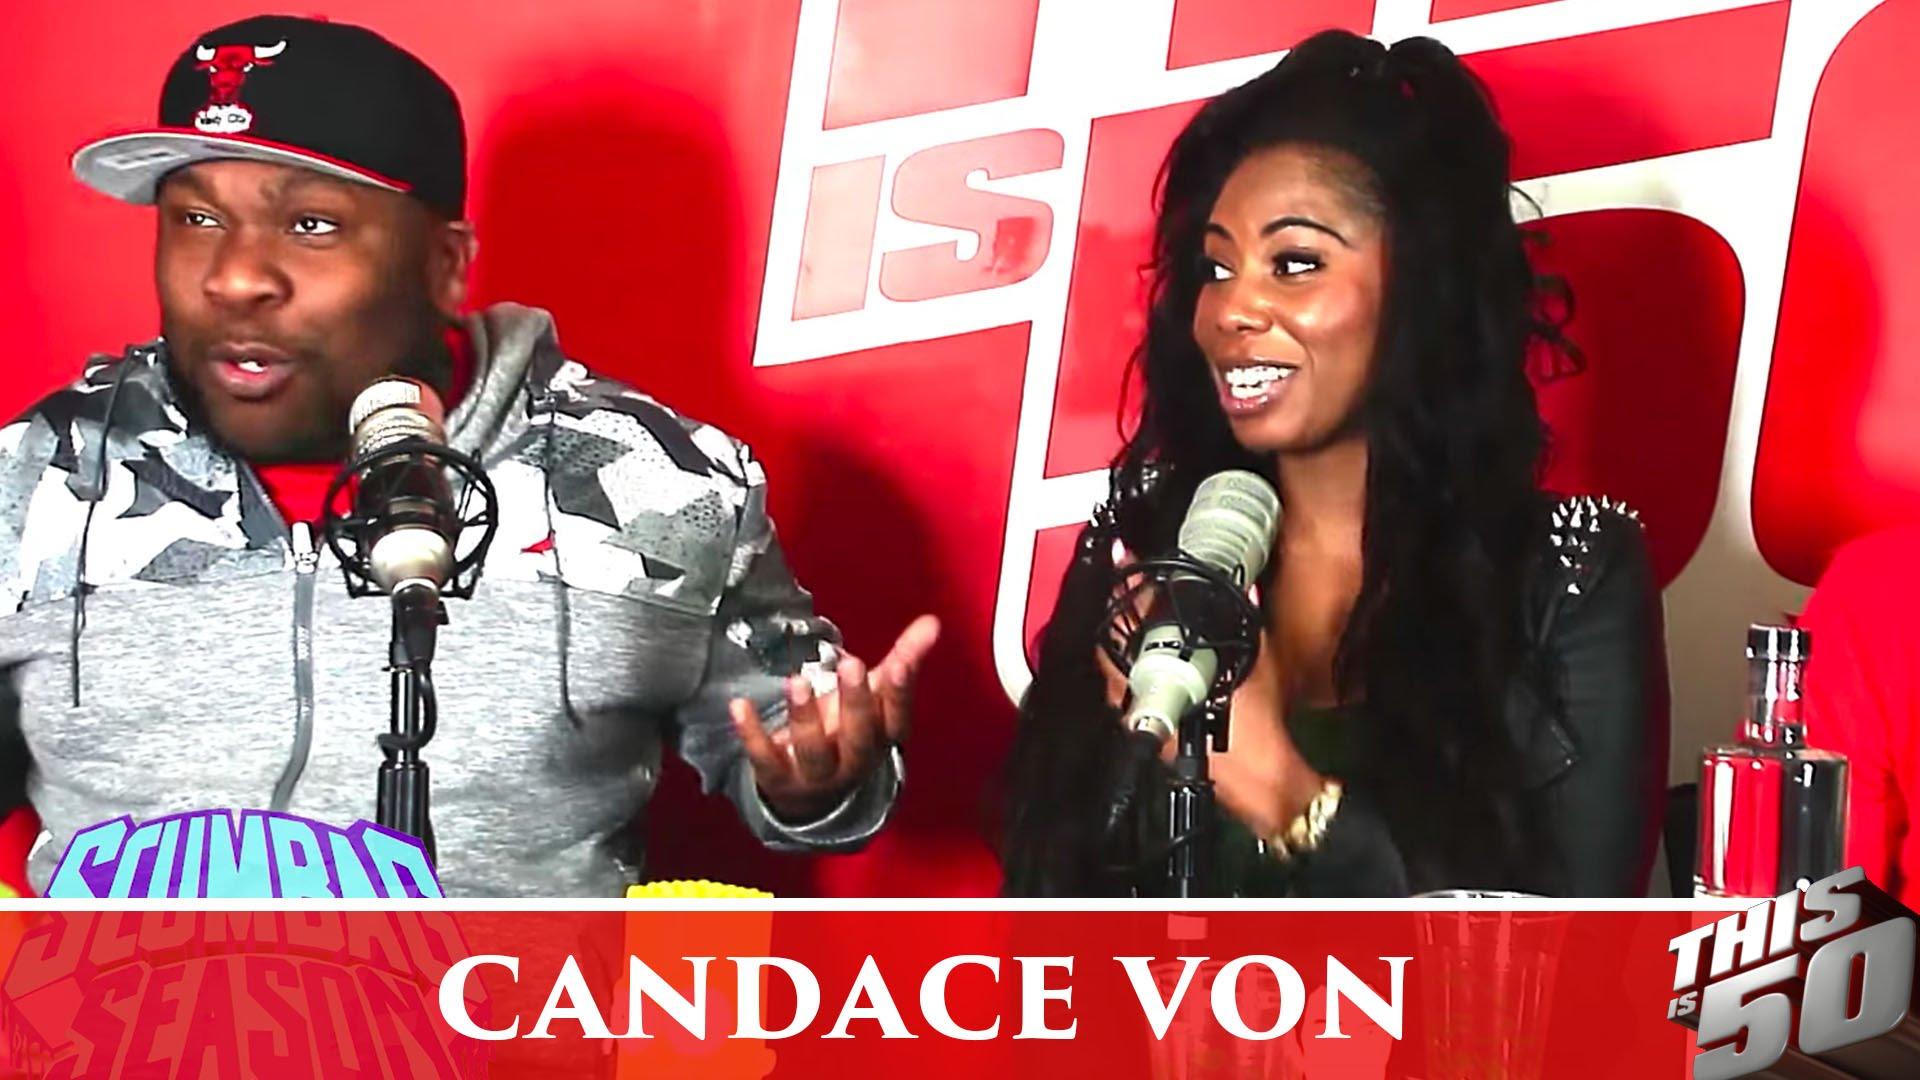 Candace Von Would Let Idris Elba Smash